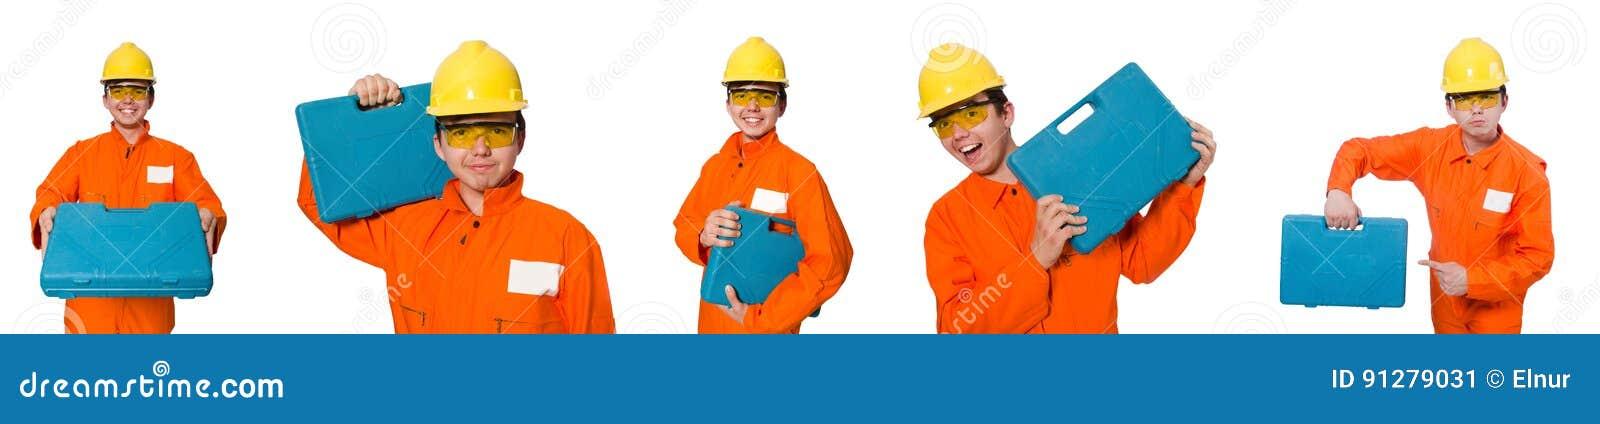 Mannen i orange overaller på vit